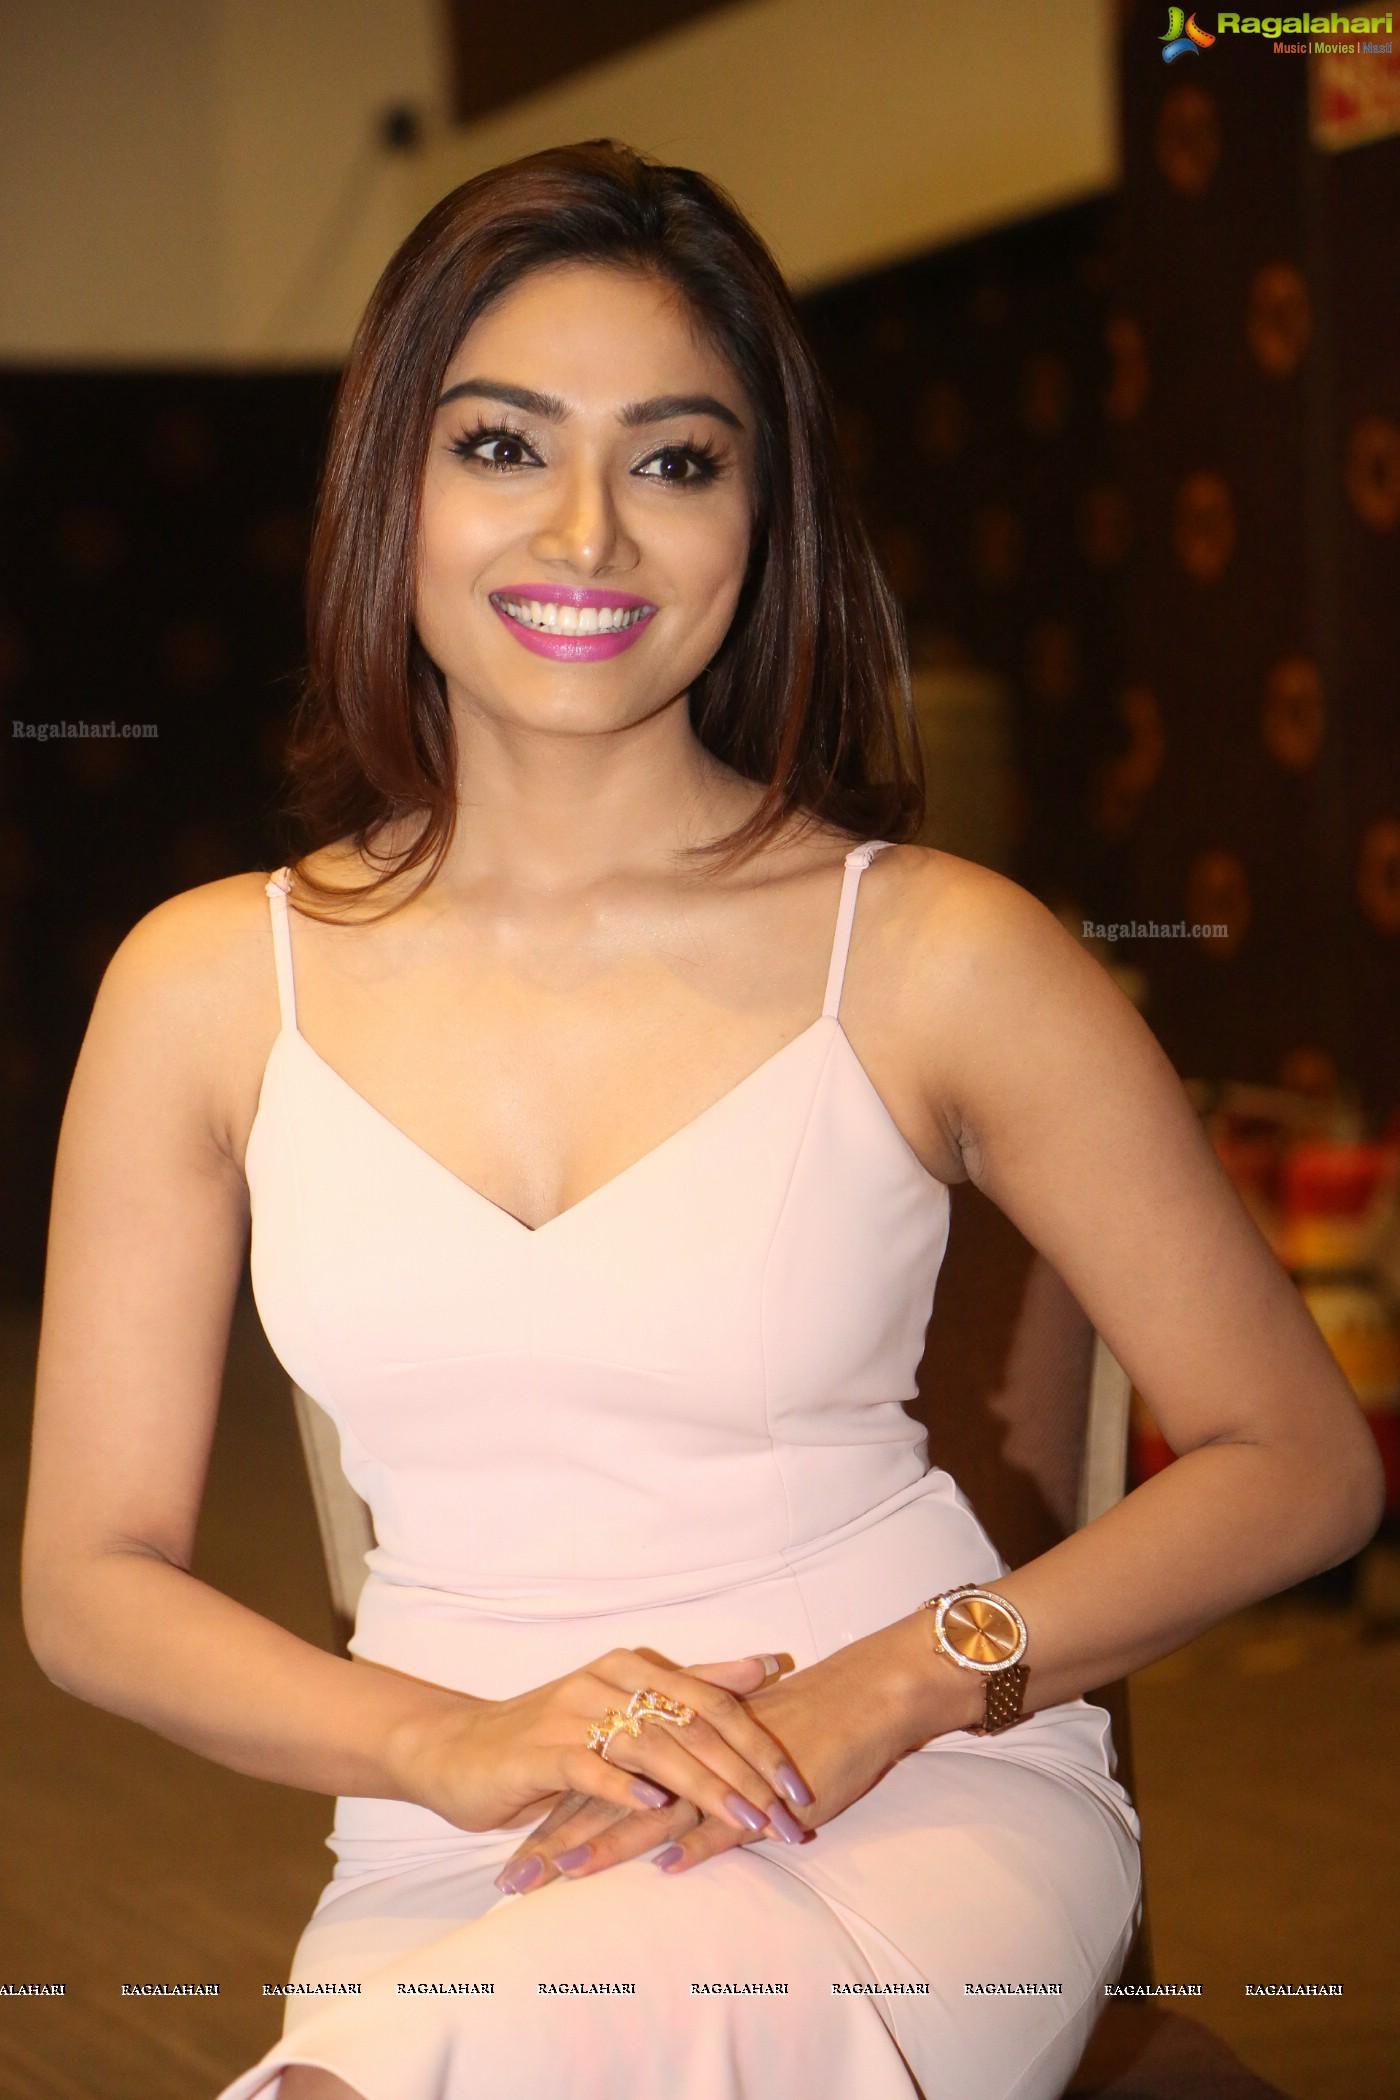 Aishwarya Devan nude photos 2019